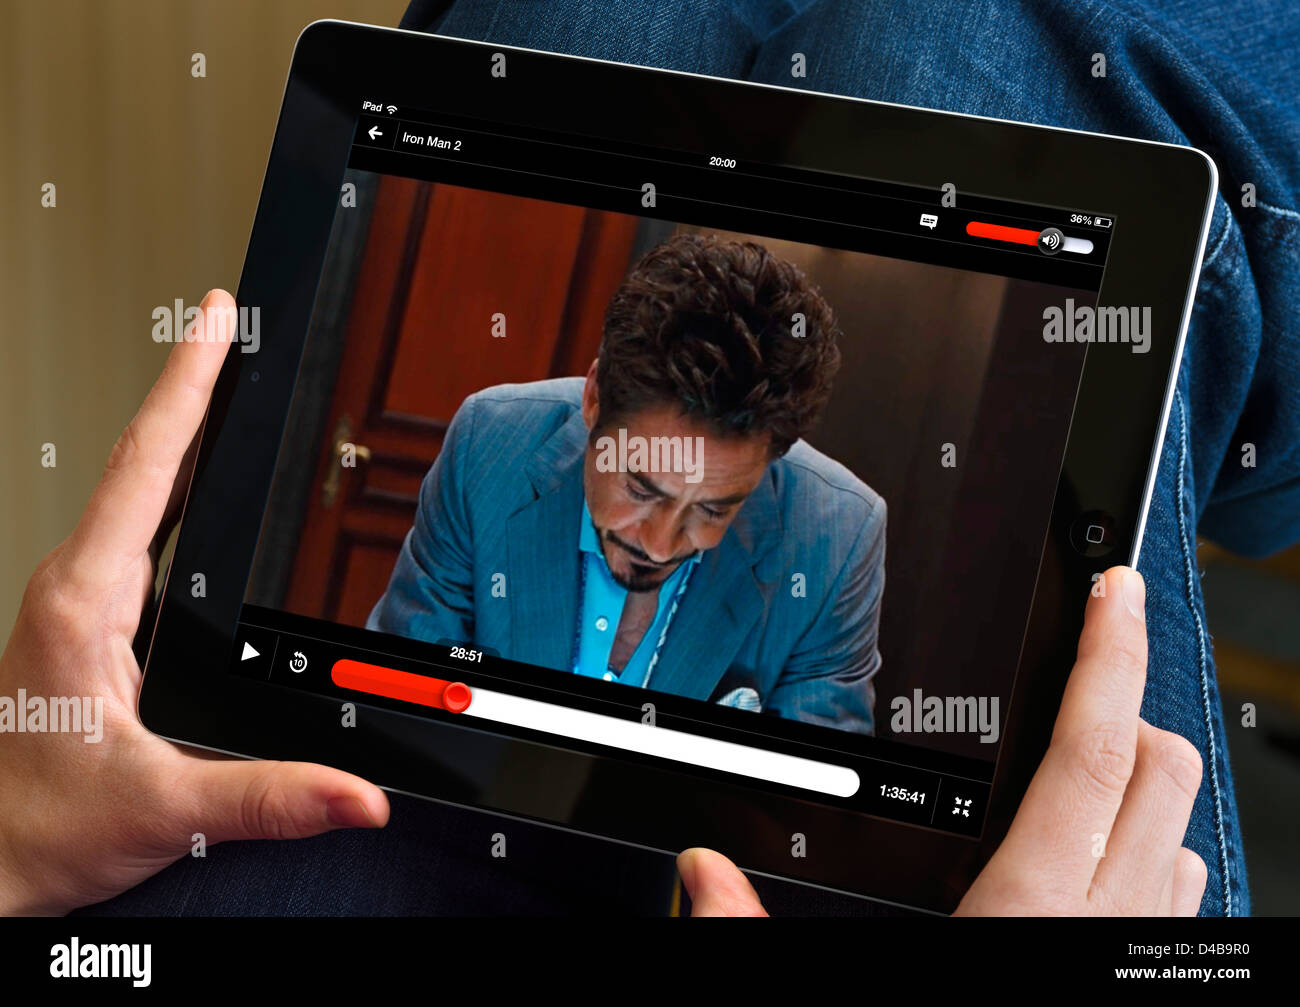 Regarder le film Iron Man 2''Netflix via le streaming en ligne sur un iPad 4, UK Photo Stock